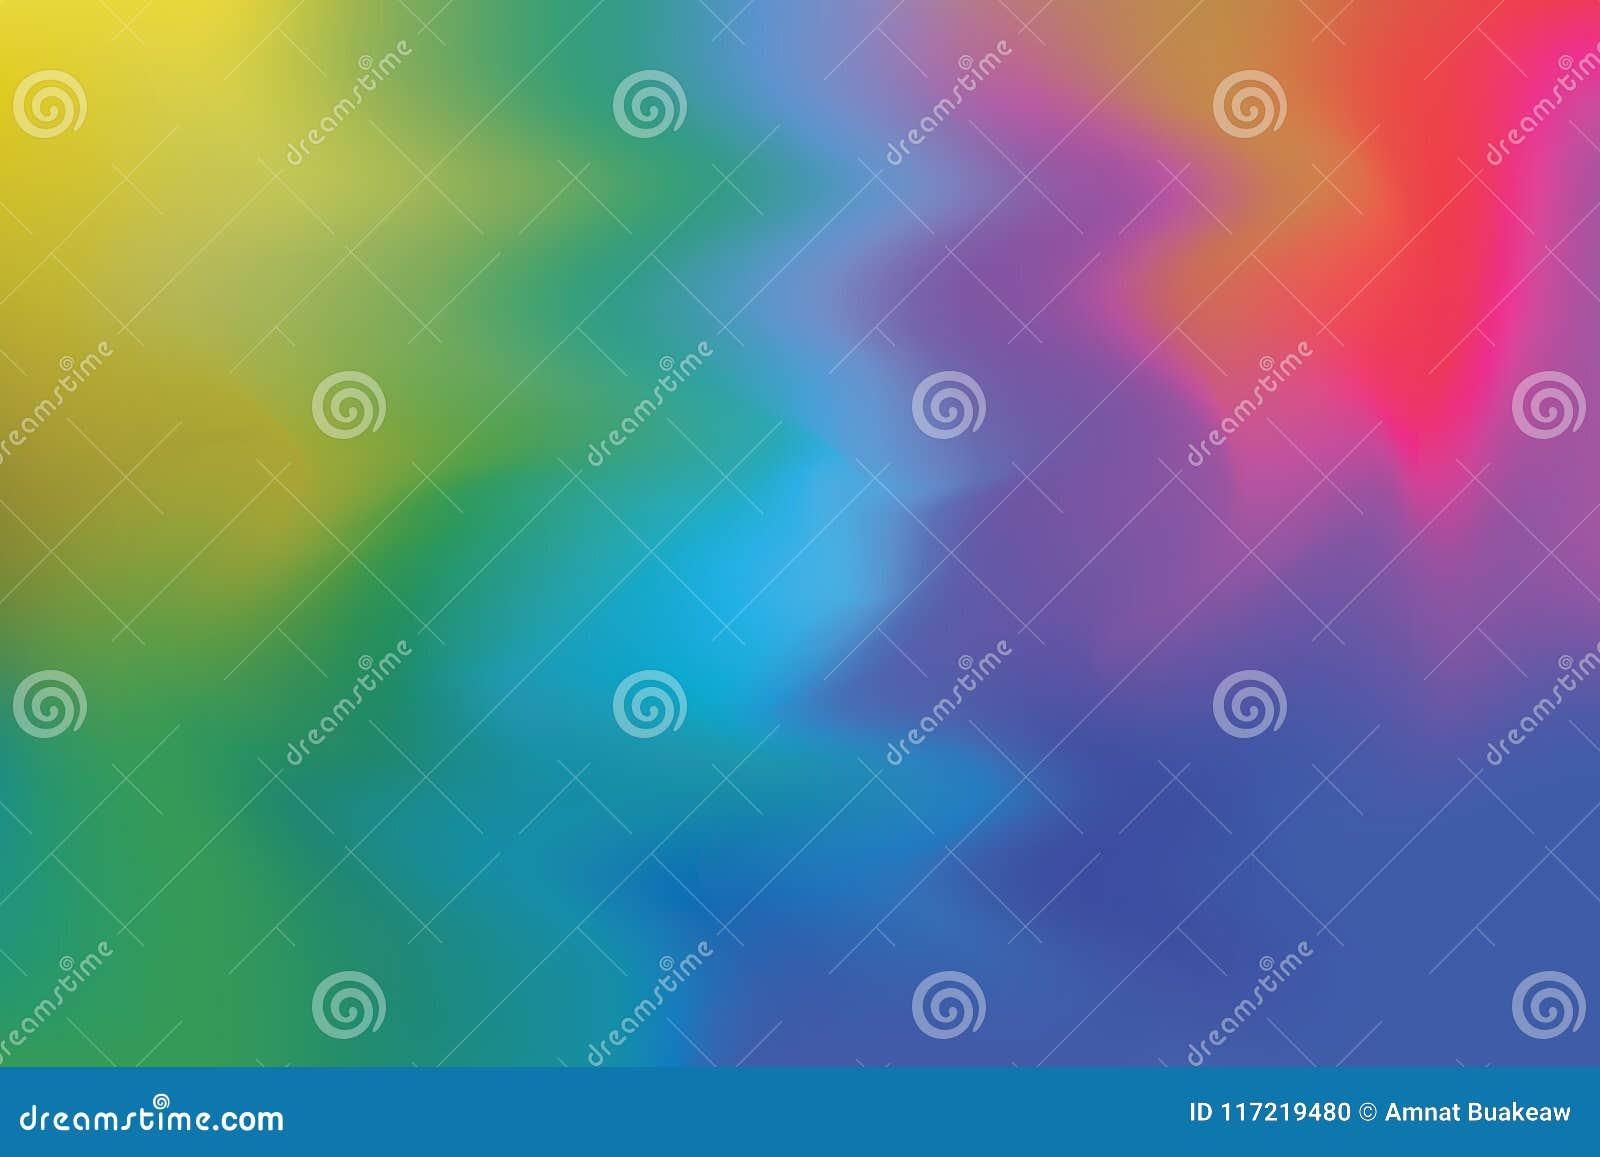 Το κόκκινο πράσινο κίτρινο μπλε μαλακό χρώμα ανάμιξε την αφηρημένη, ζωηρόχρωμη ταπετσαρία τέχνης κρητιδογραφιών τέχνης ζωγραφικής